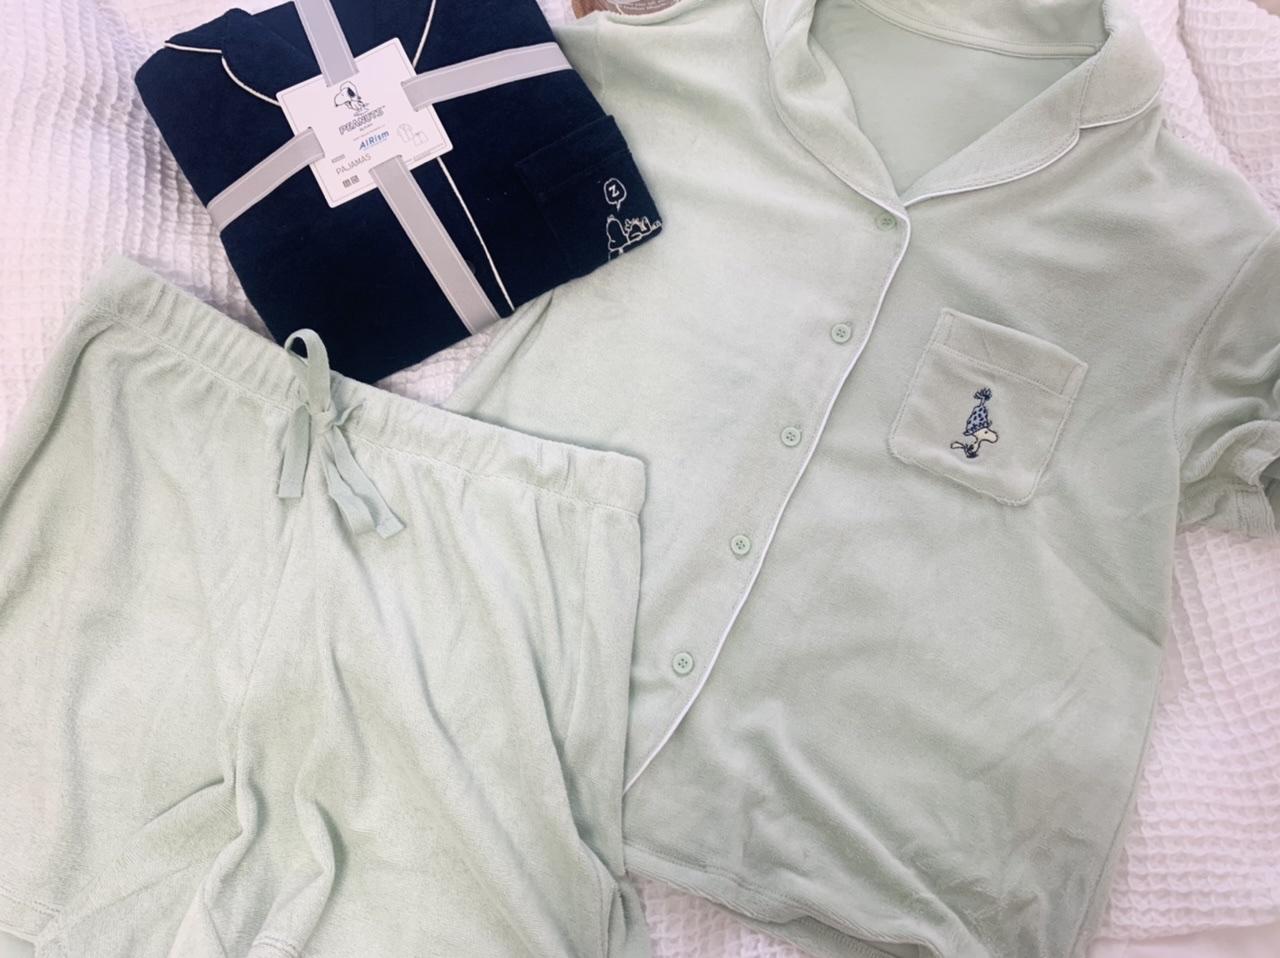 【UNIQLO】PEANUTSエアリズムパイルパジャマで夏のおうち時間をかわいく快適に♡_2